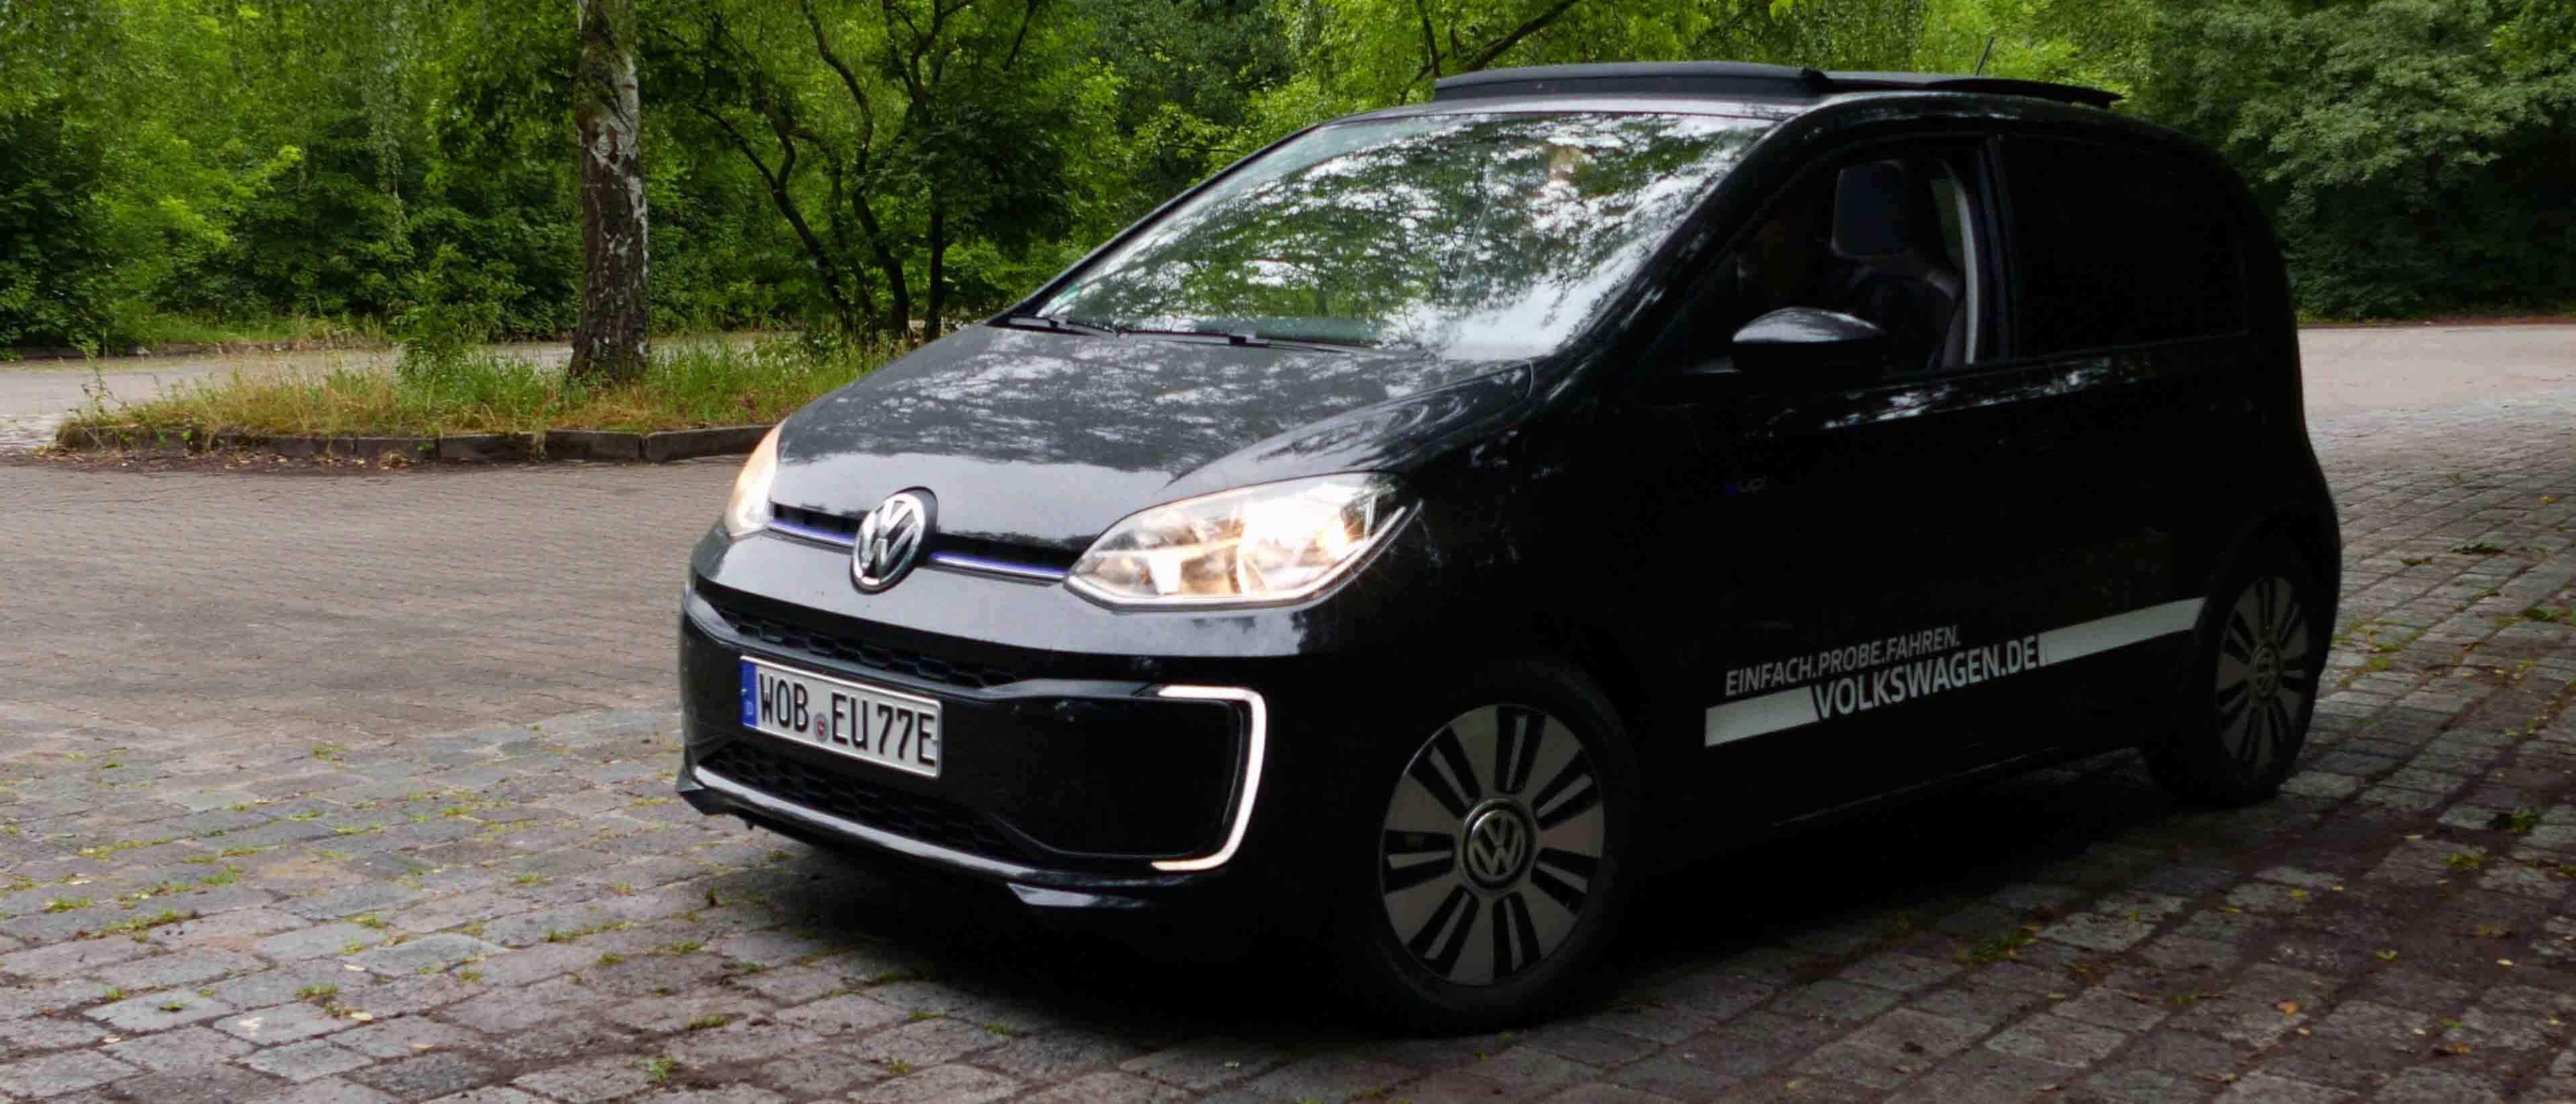 73 Concept of The Volkswagen E Up 2019 Rumor Release Date by The Volkswagen E Up 2019 Rumor